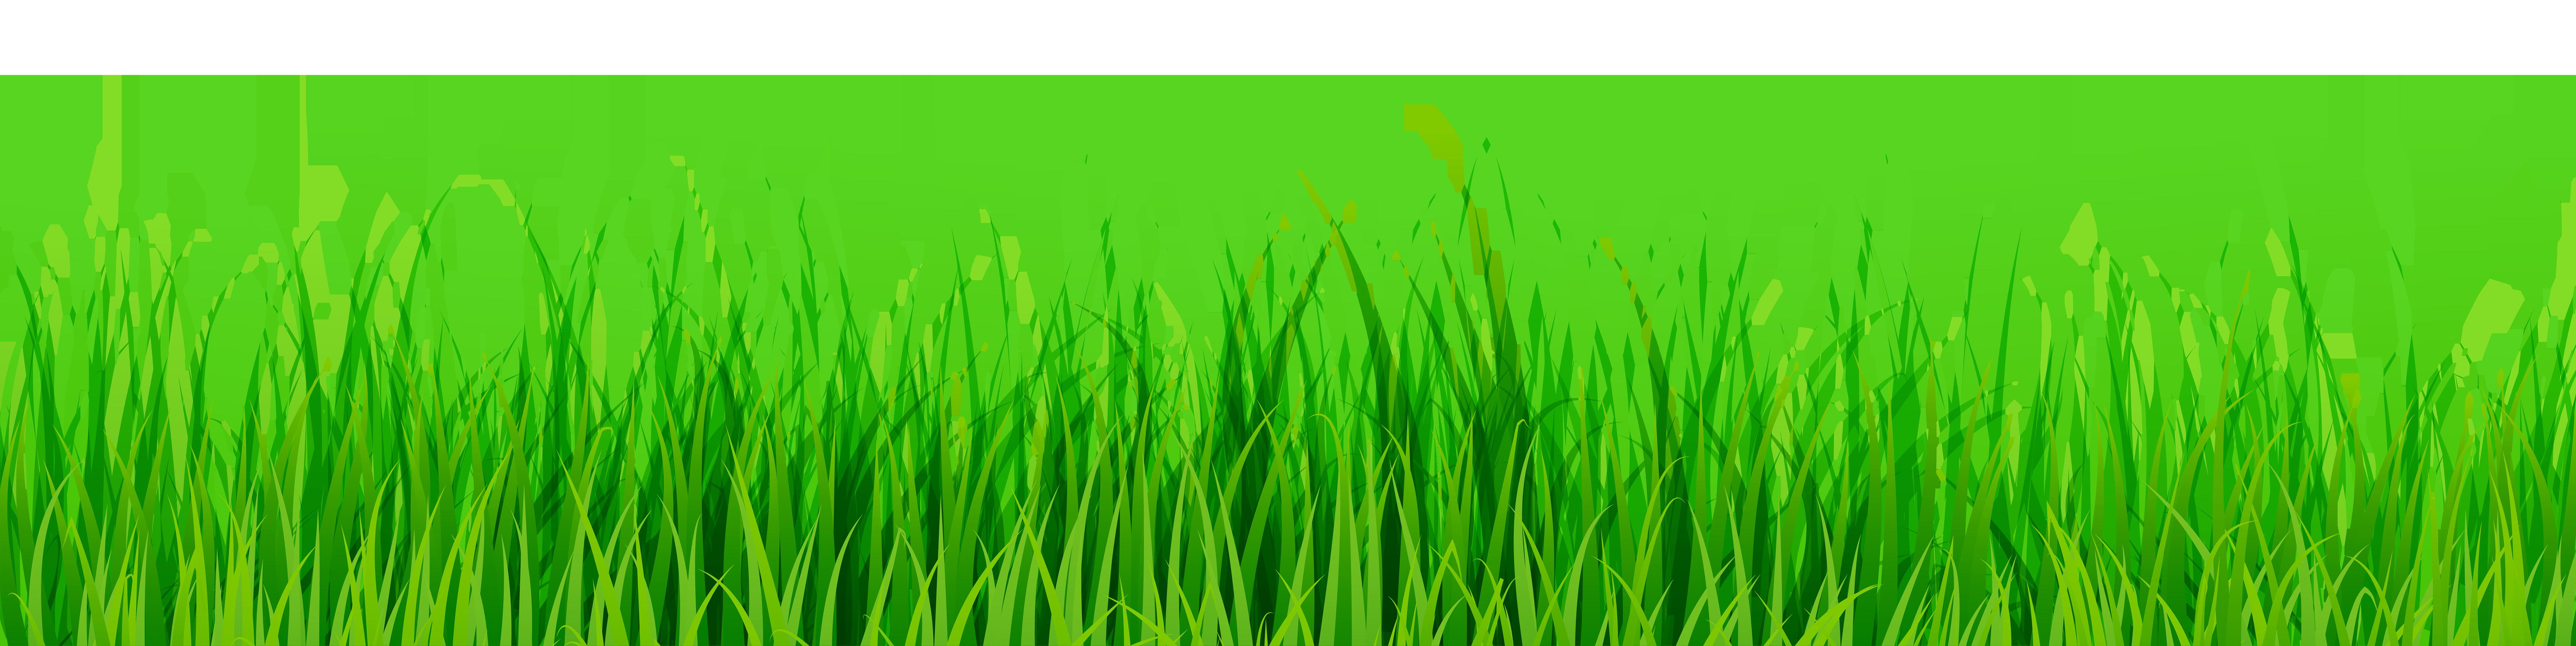 Green Grass PNG Clip Art.